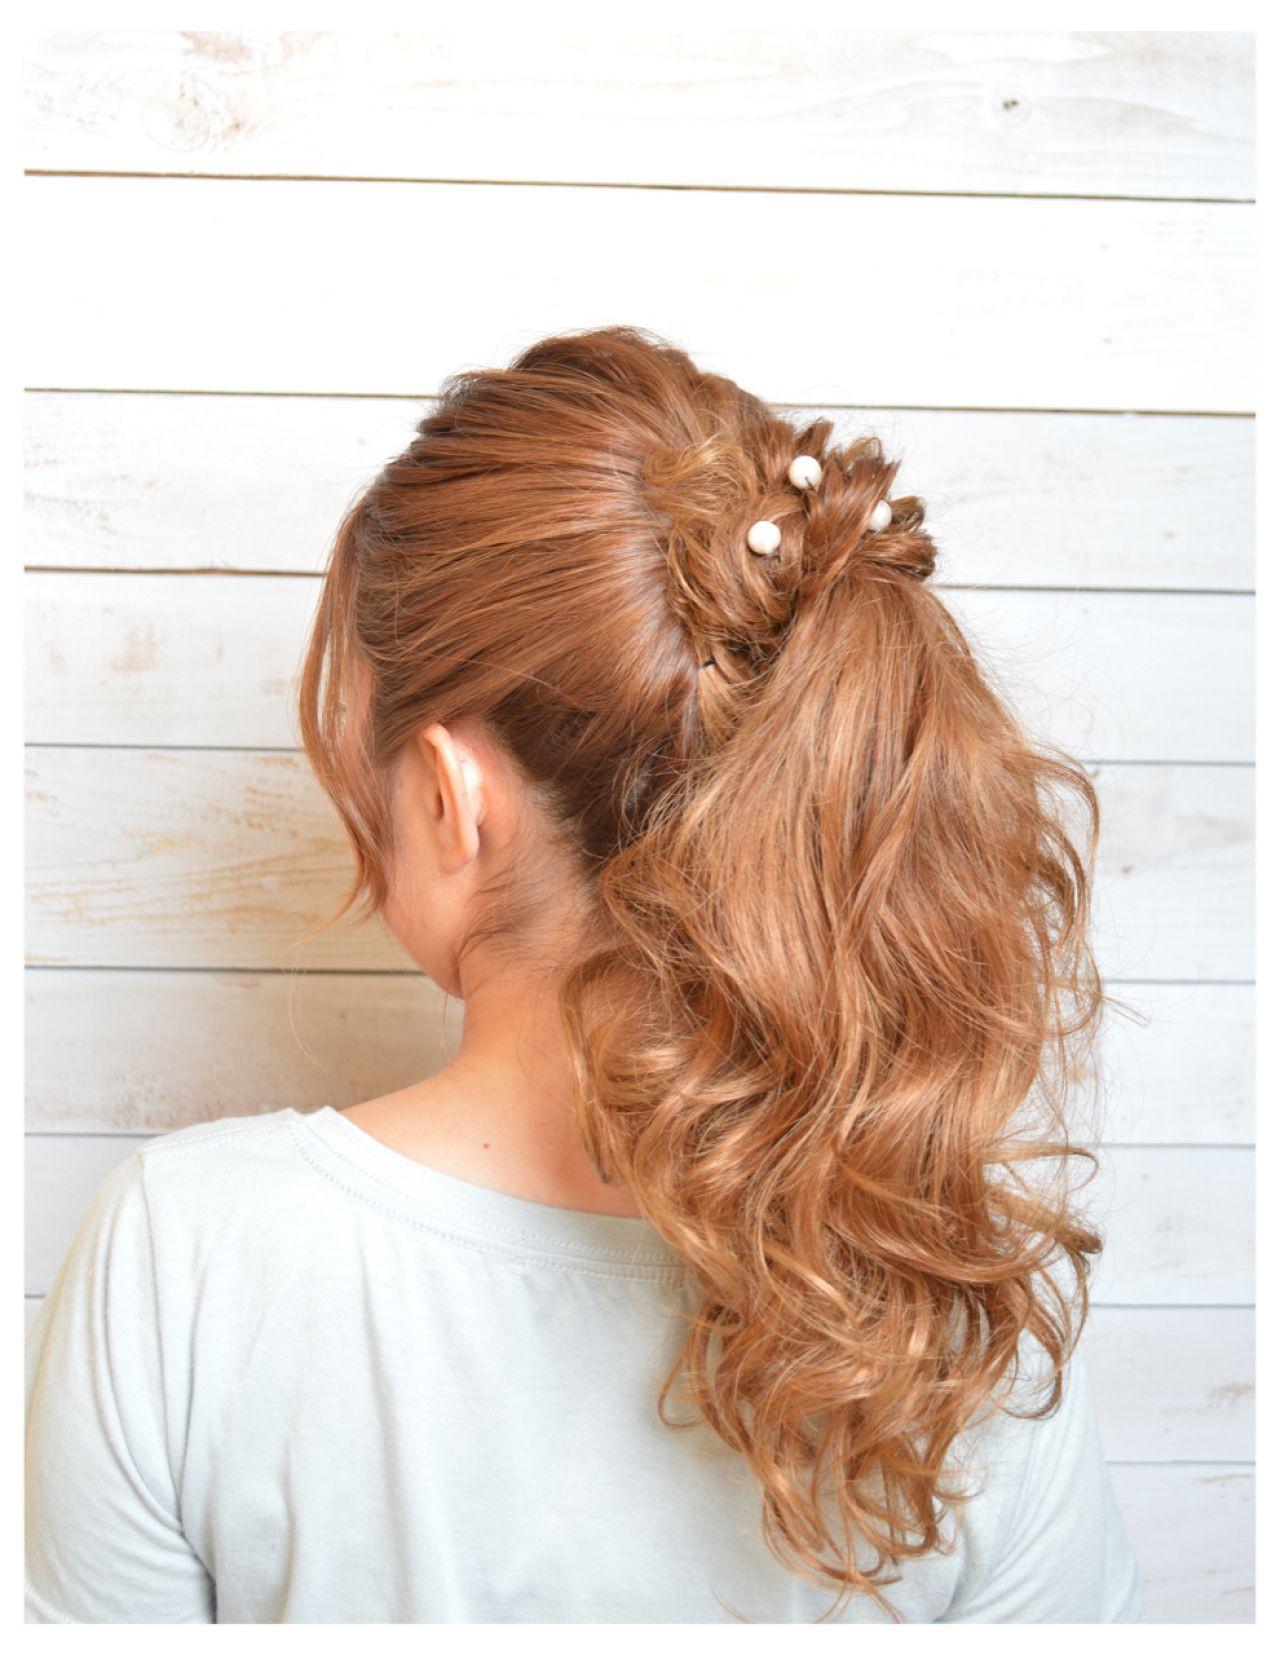 ヘアアレンジ ロング ポニーテール ねじり ヘアスタイルや髪型の写真・画像